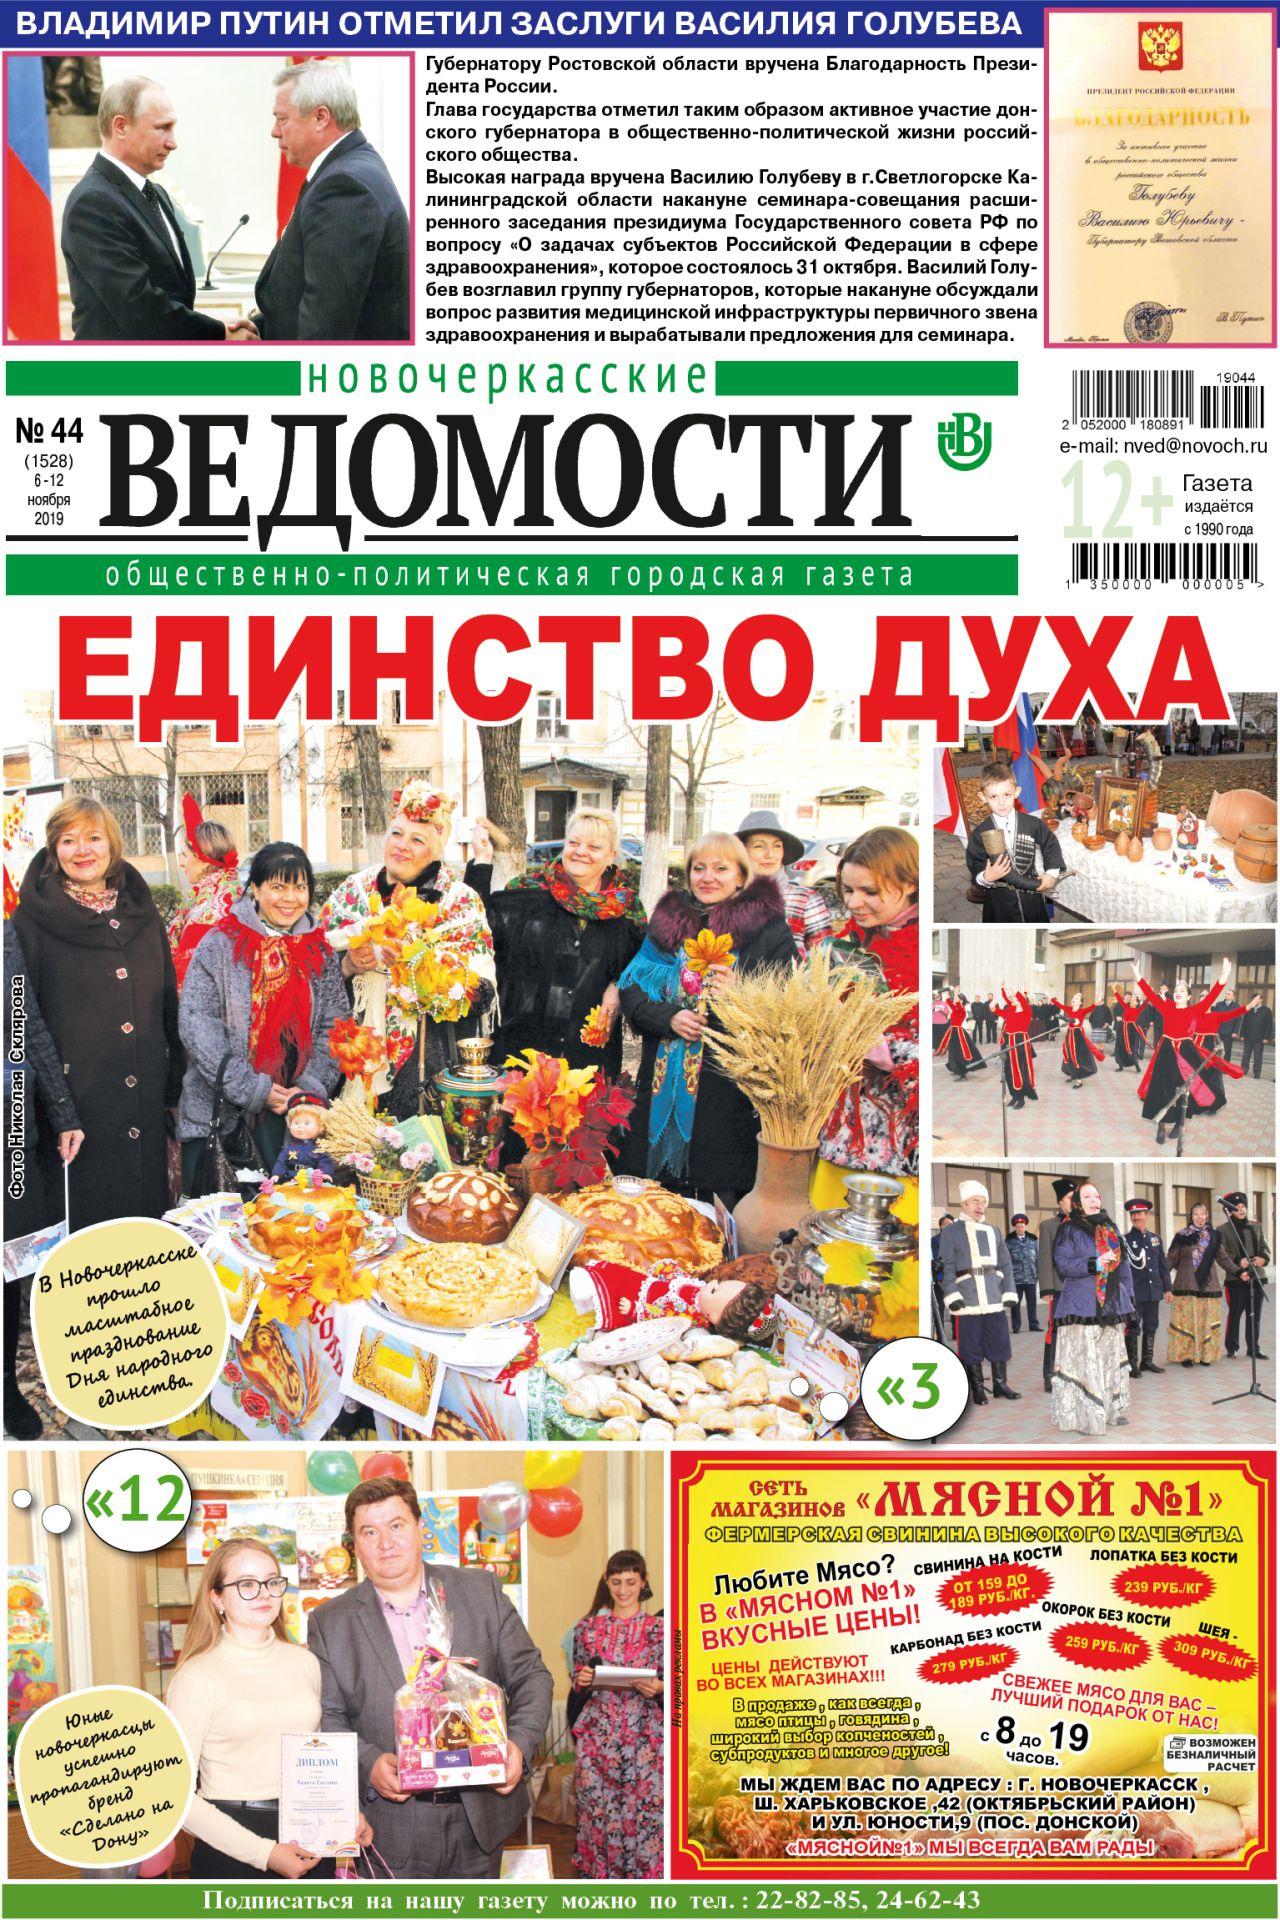 """Читайте свежий выпуск газеты """"Новочеркасские ведомости"""""""